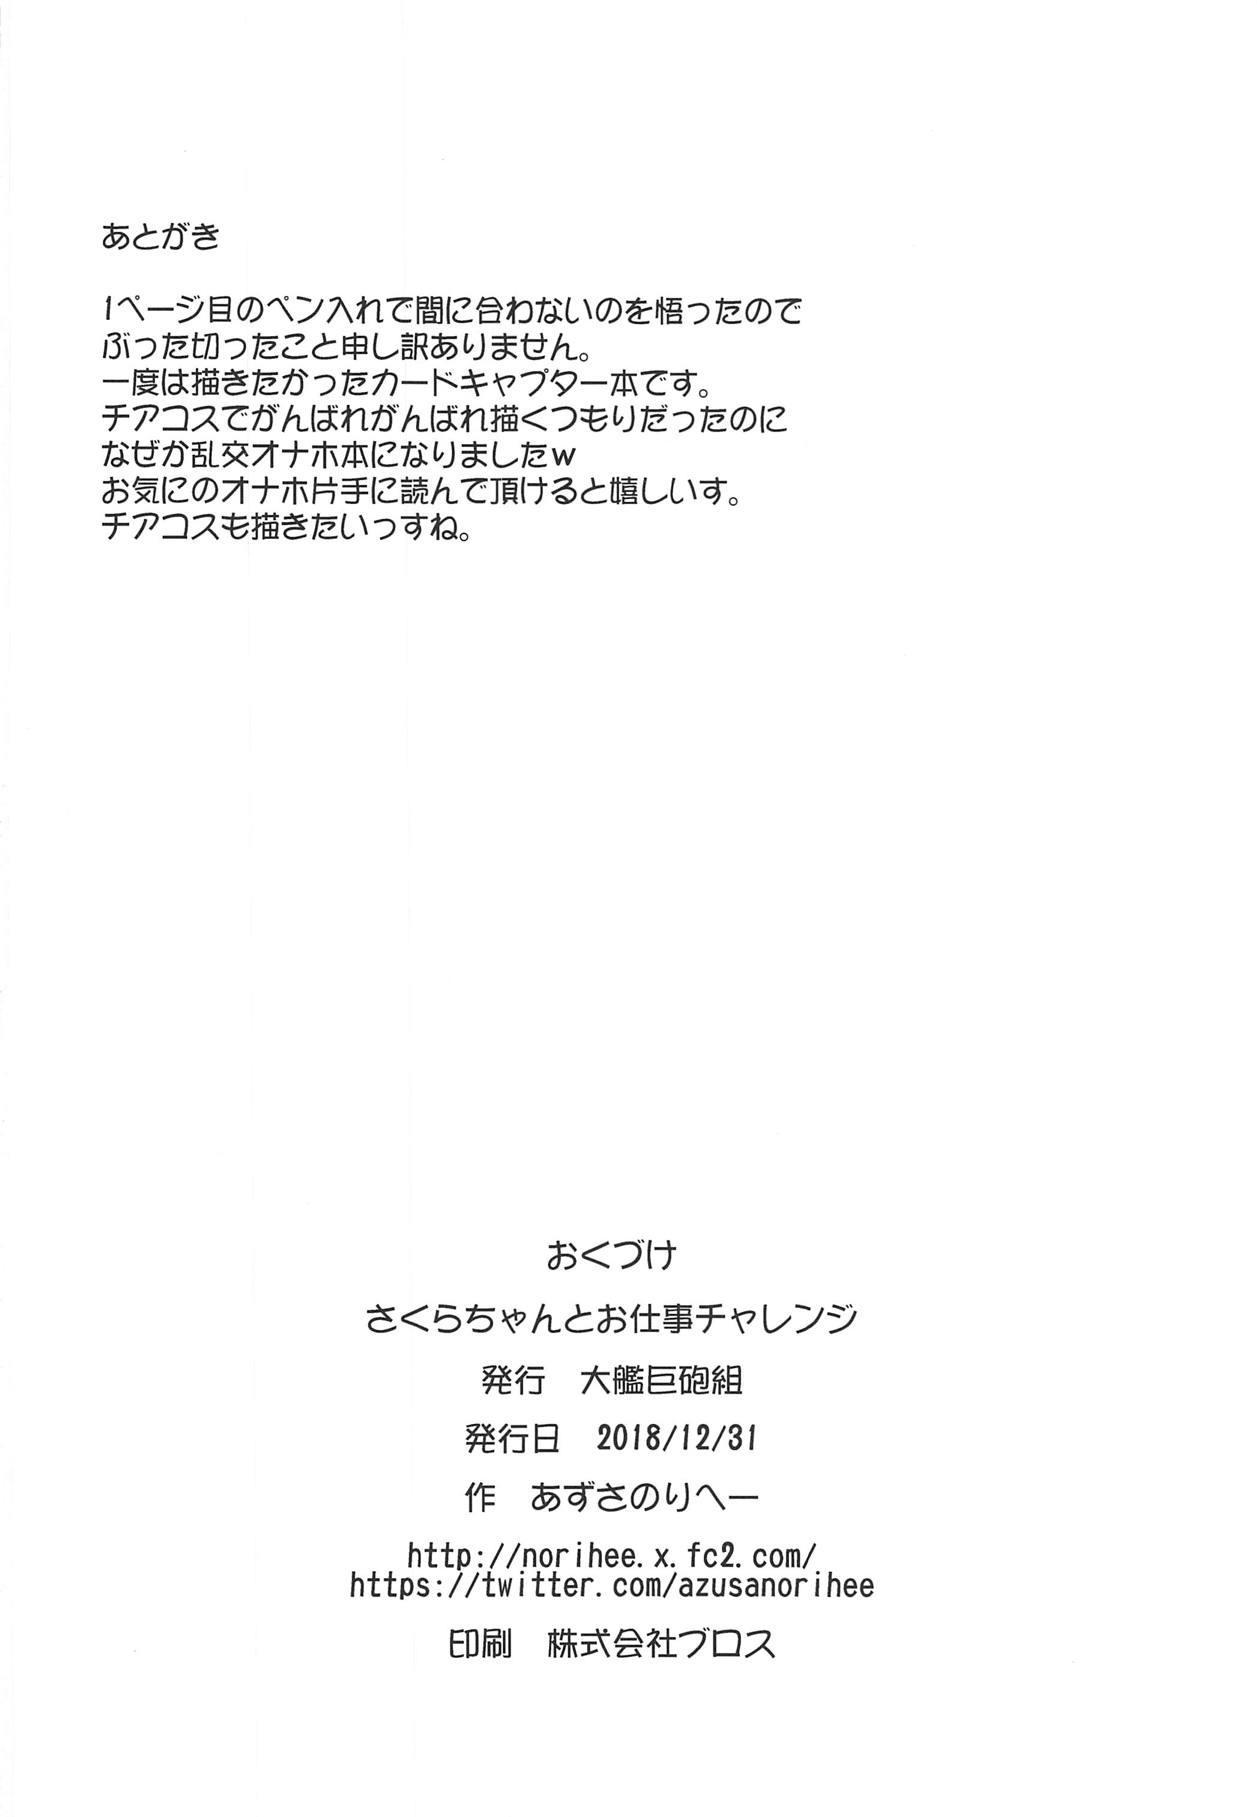 (C95) [Taikan Kyohougumi (Azusa Norihee)] Sakura-chan to Oshigoto Challenge - Ona-Hole Challenge with Sakura (Cardcaptor Sakura) 16